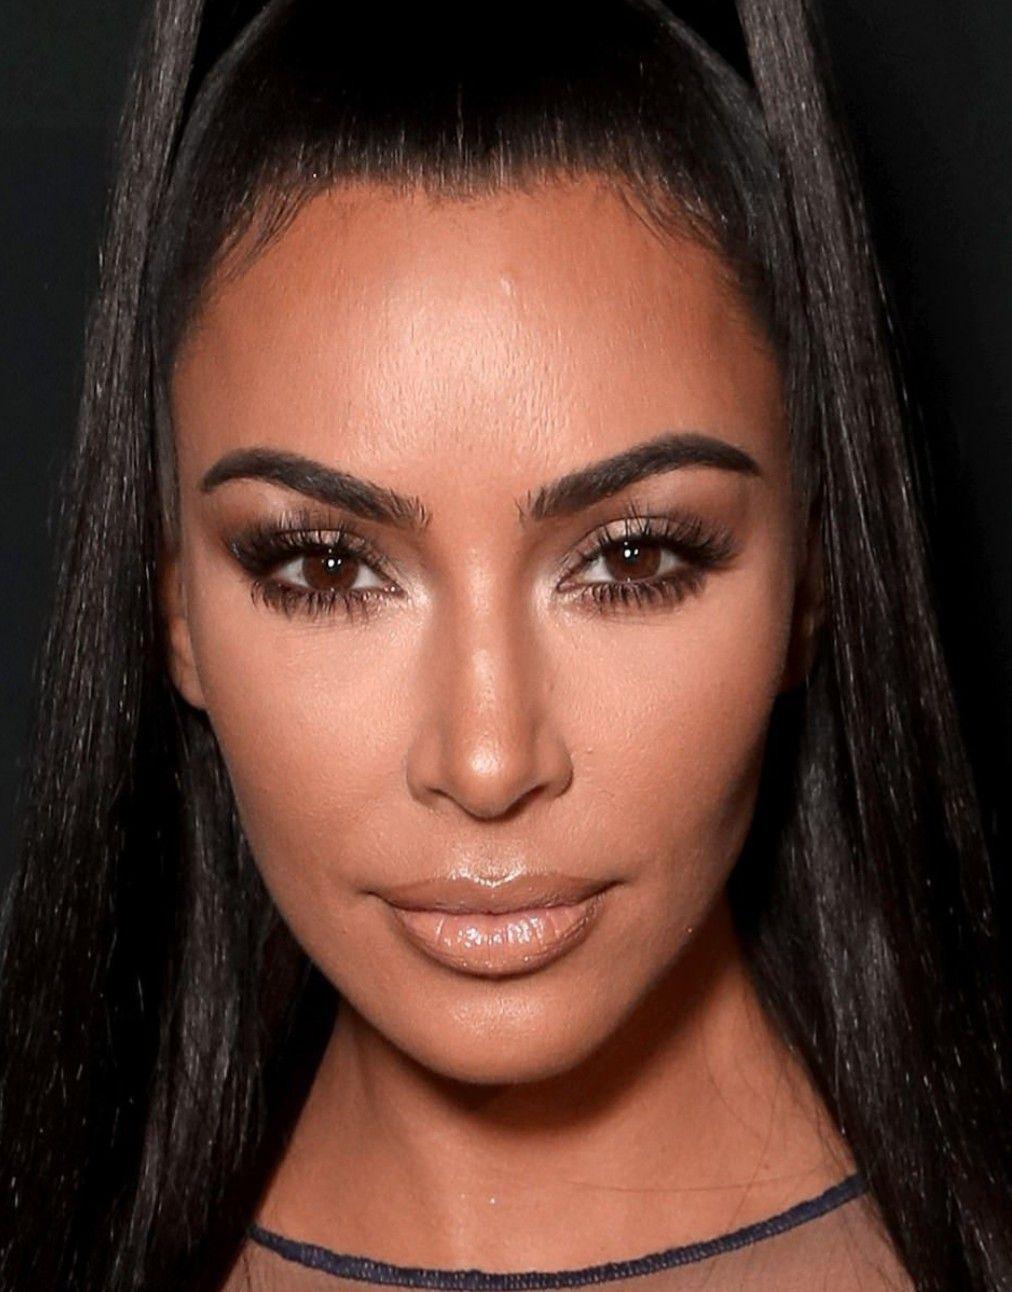 Pin By Adriana Hernandez On Kim Kardashian Kim Kardashian Makeup Looks Kim Kardashian Makeup Kim K Makeup